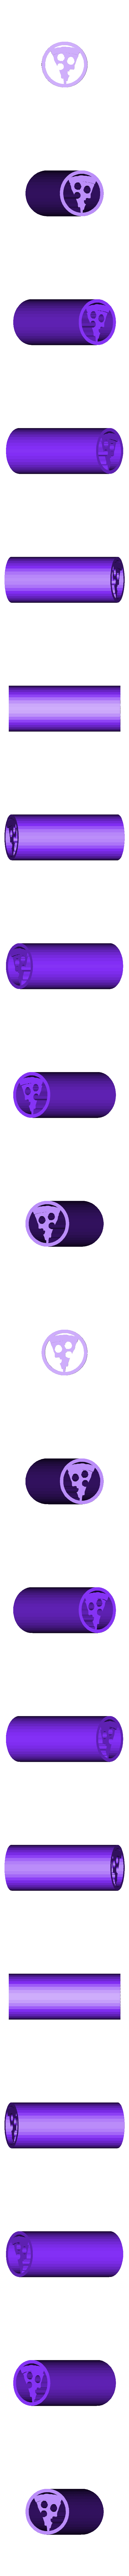 pizza.STL Télécharger fichier STL 36 CONSEILS SUR LES FILTRES À MAUVAISES HERBES VOL.1+2+3+4 • Design pour impression 3D, SnakeCreations